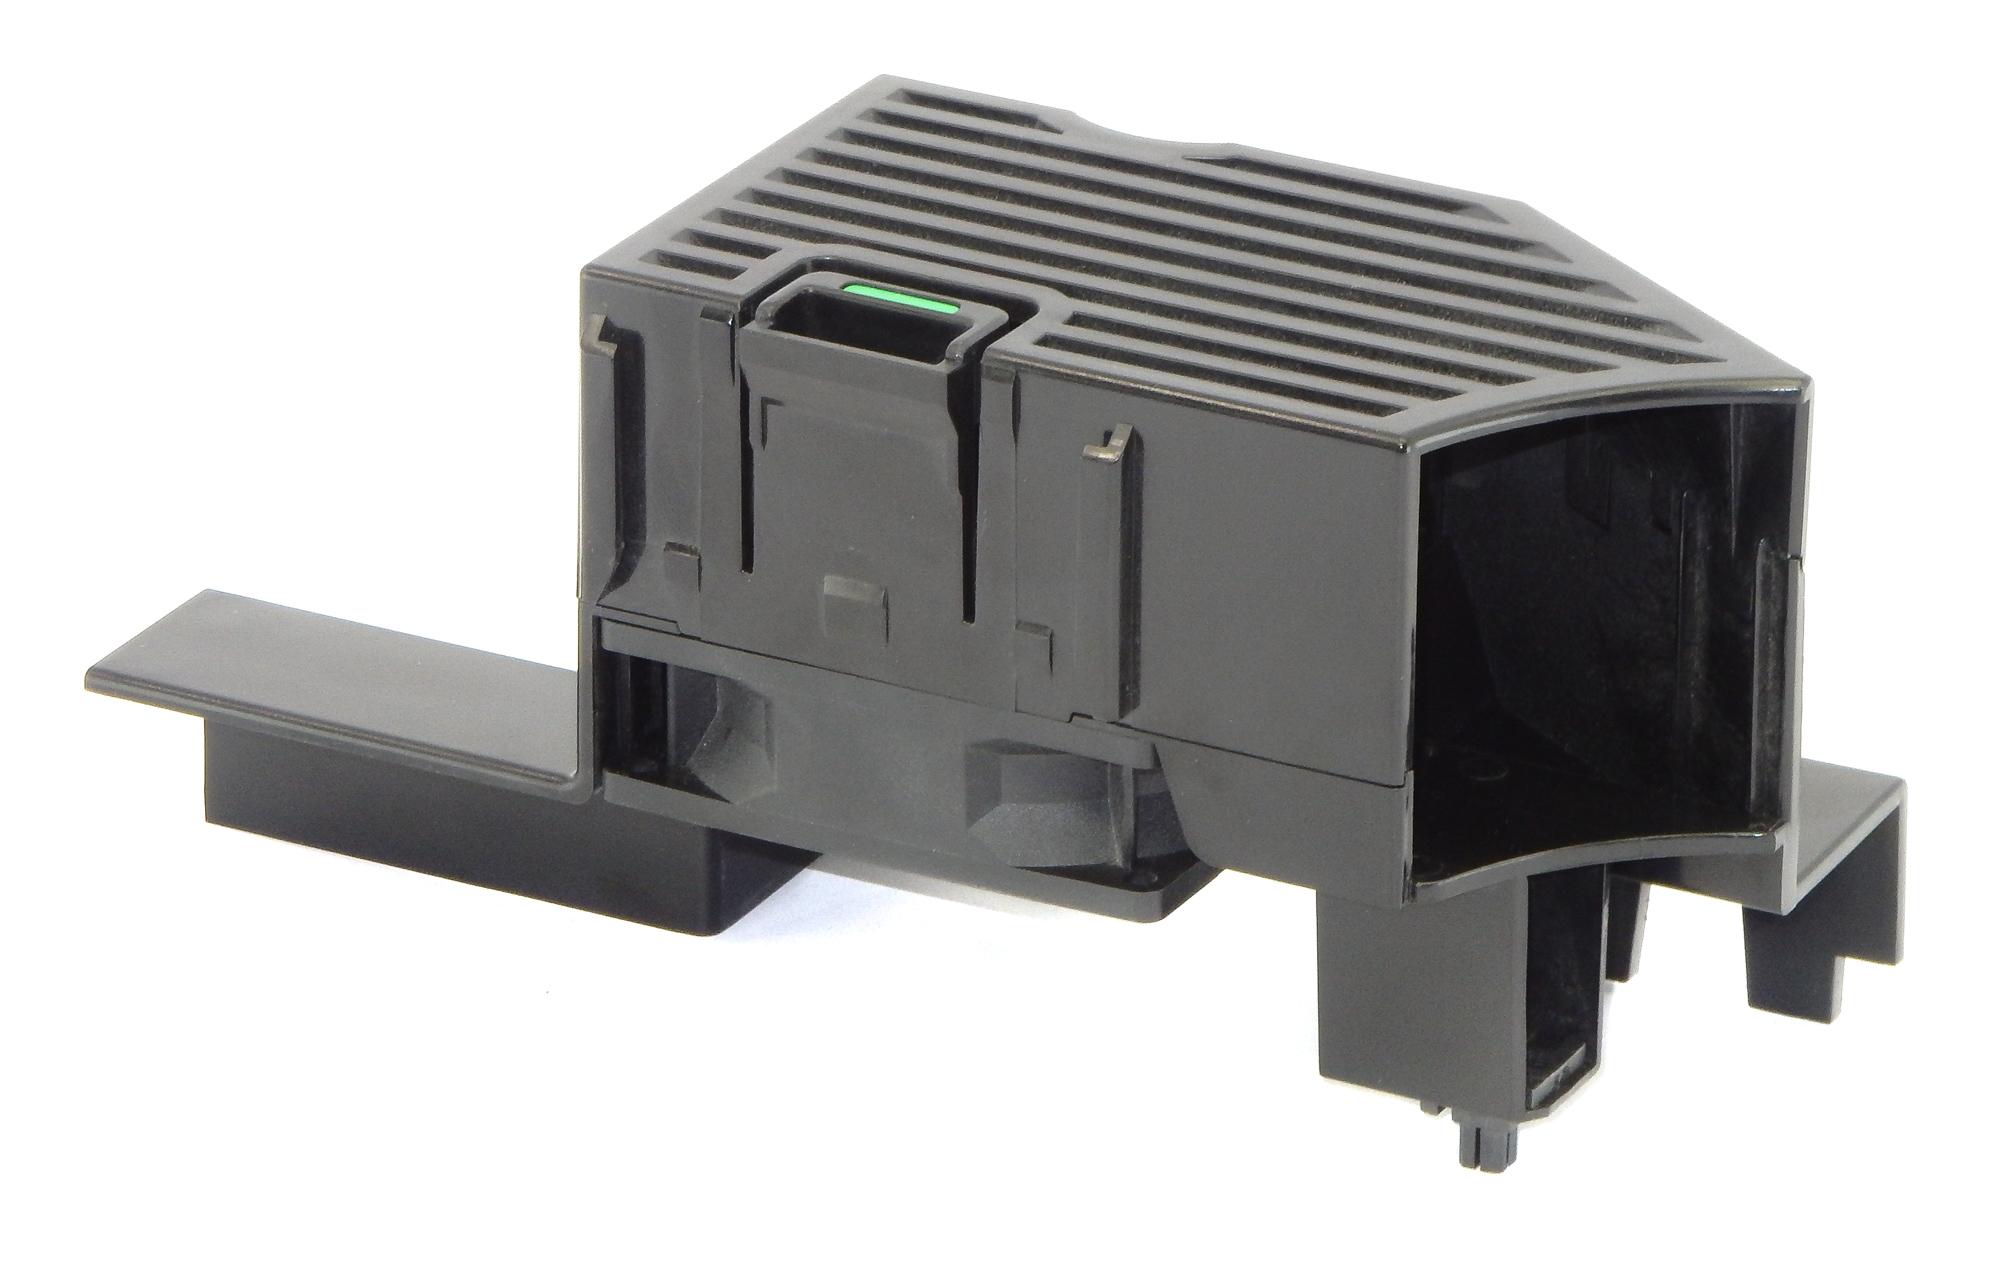 HP 468628-001 Memory Module Cooling Fan Assembly f/ Z600 Workstation